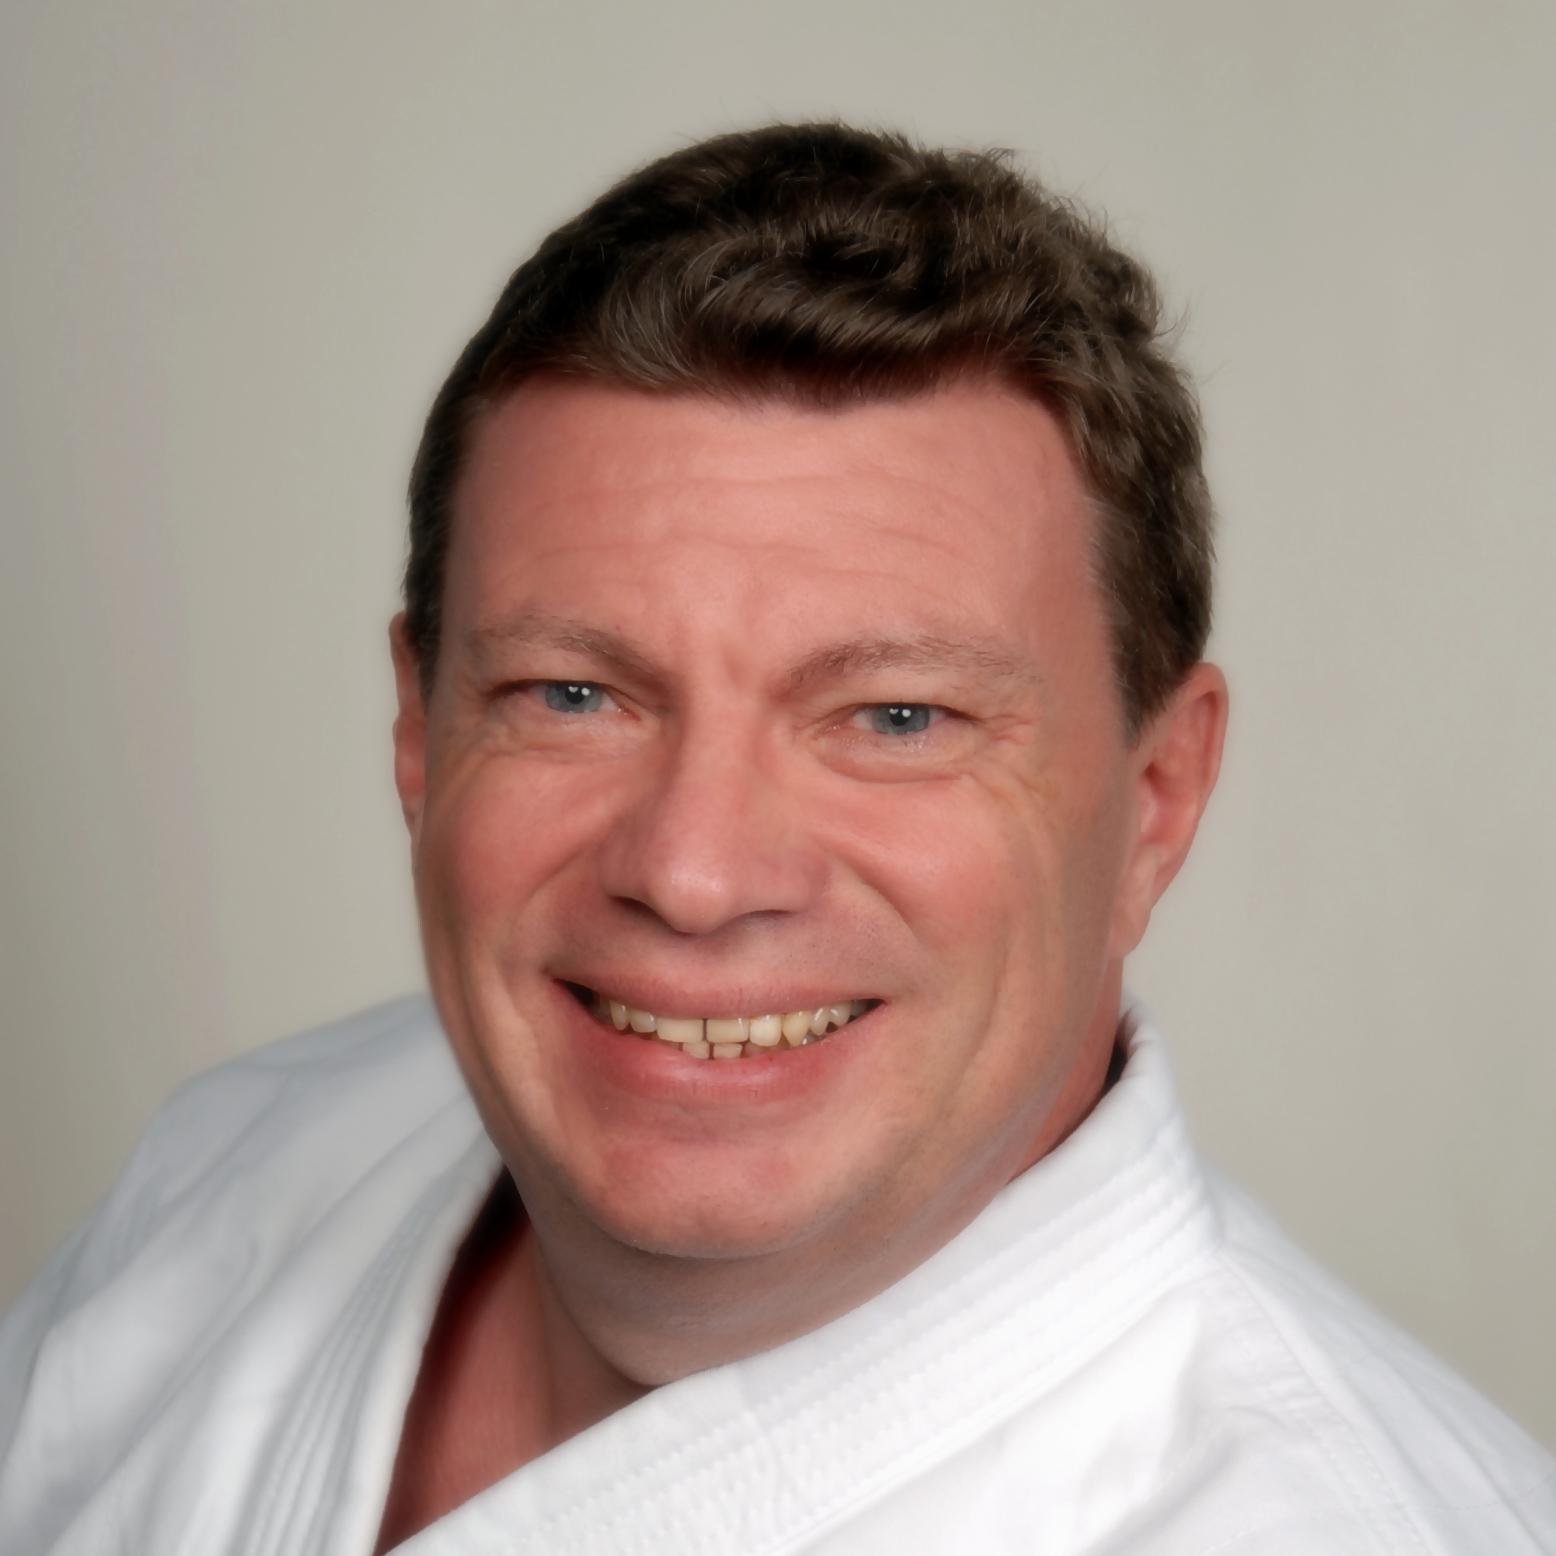 Ralf Hüber Kampfsportler und Versicherungsmakler